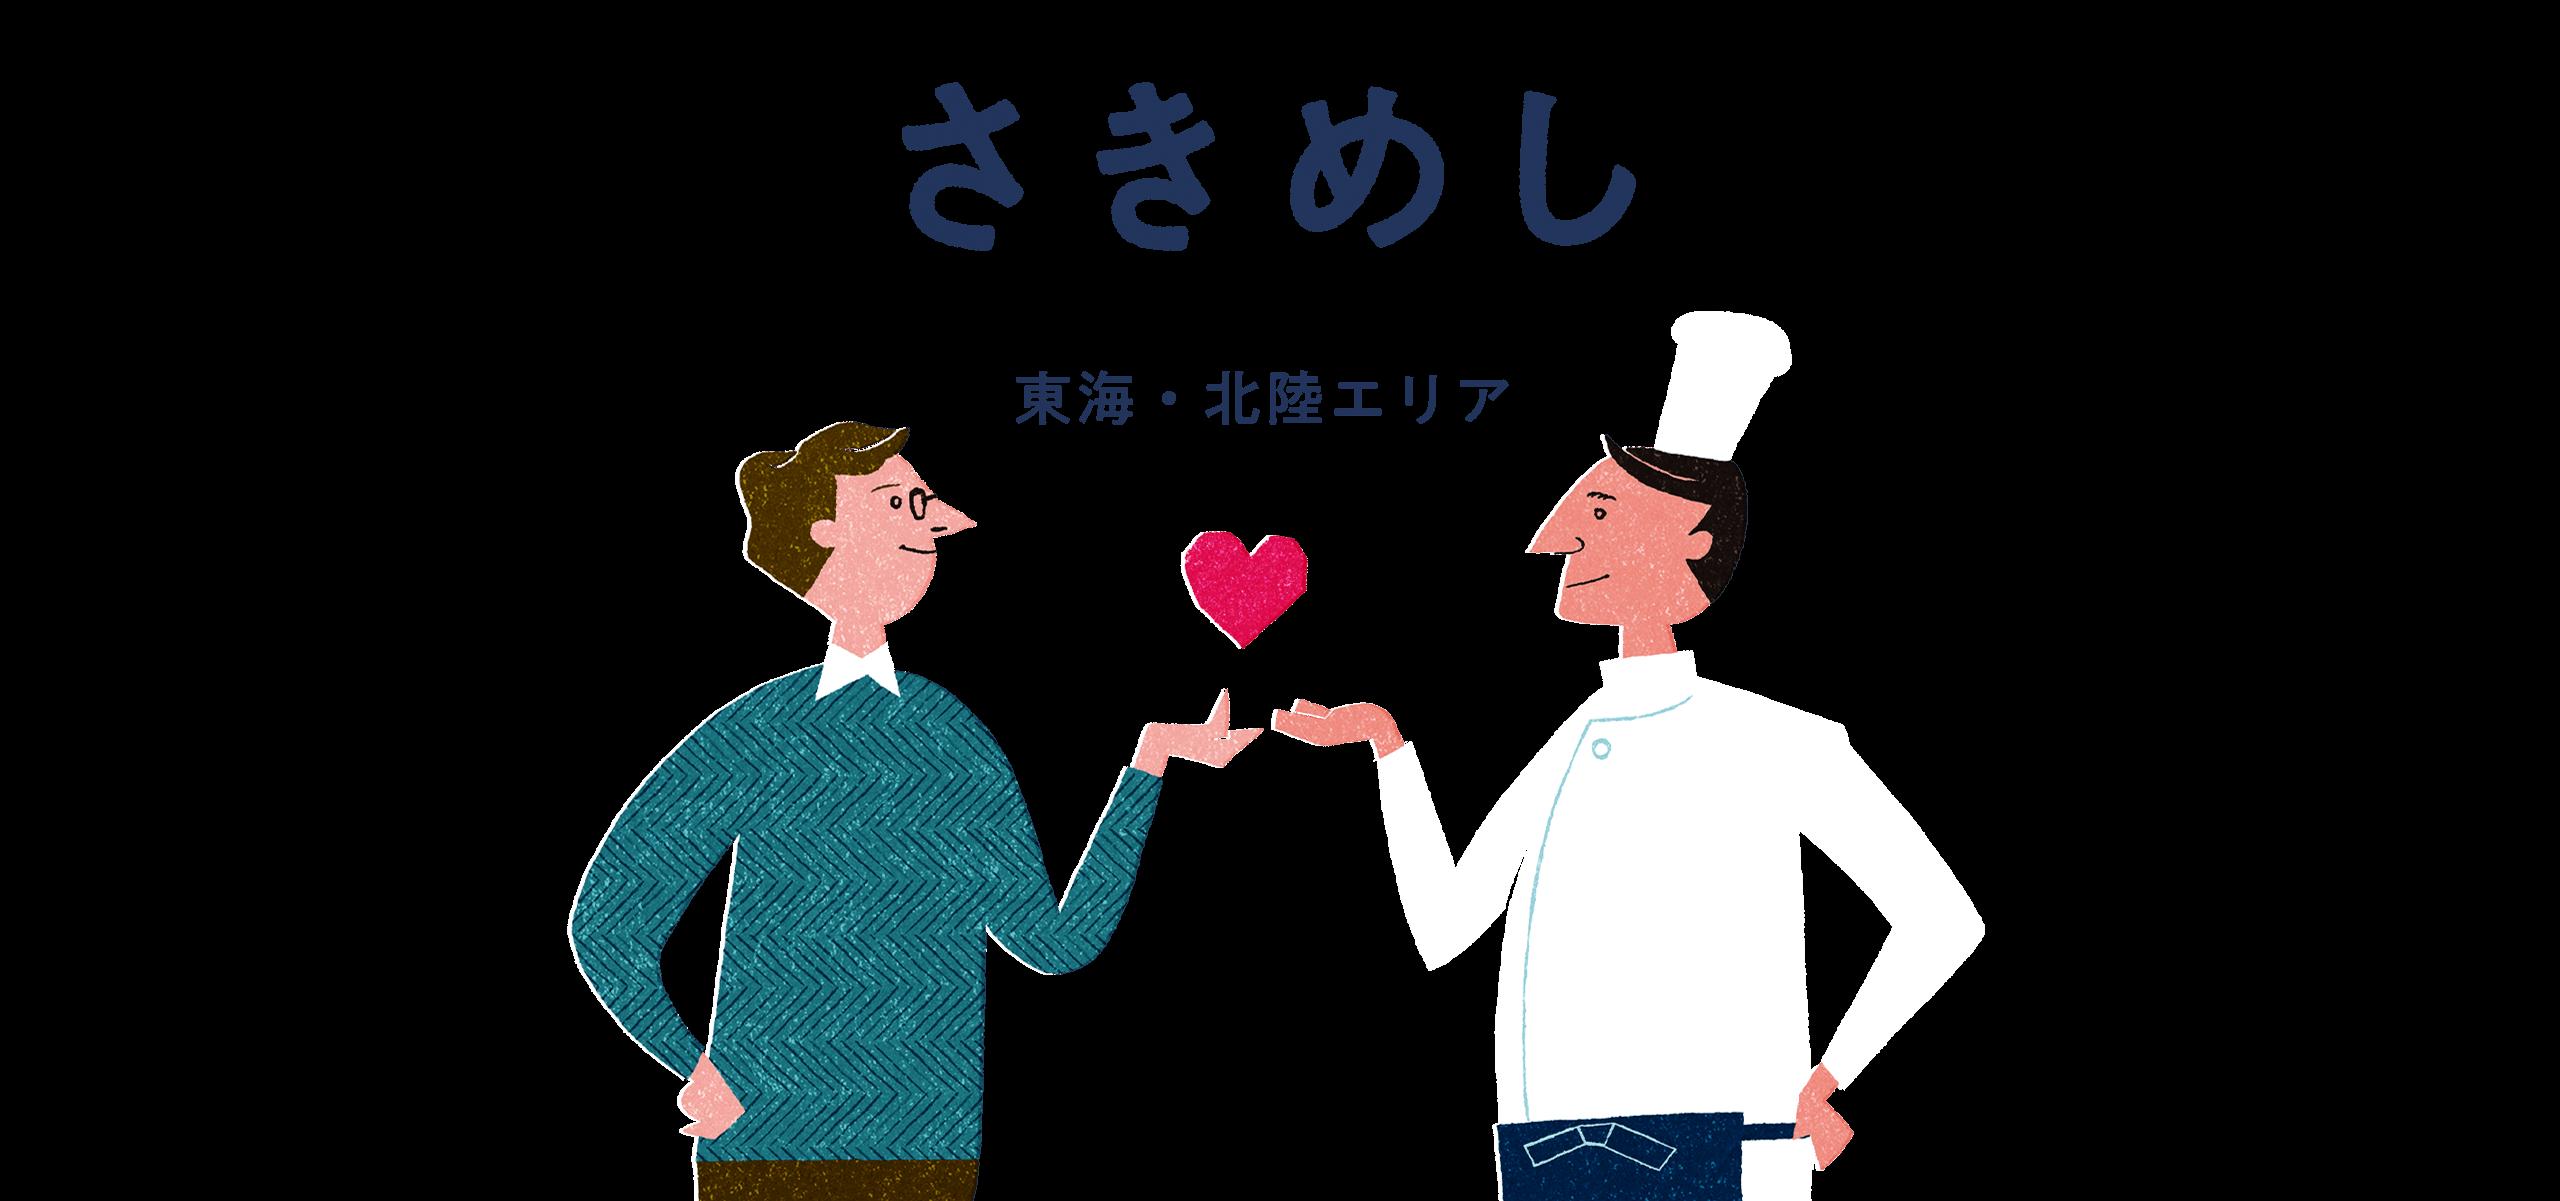 めし 東京 さき